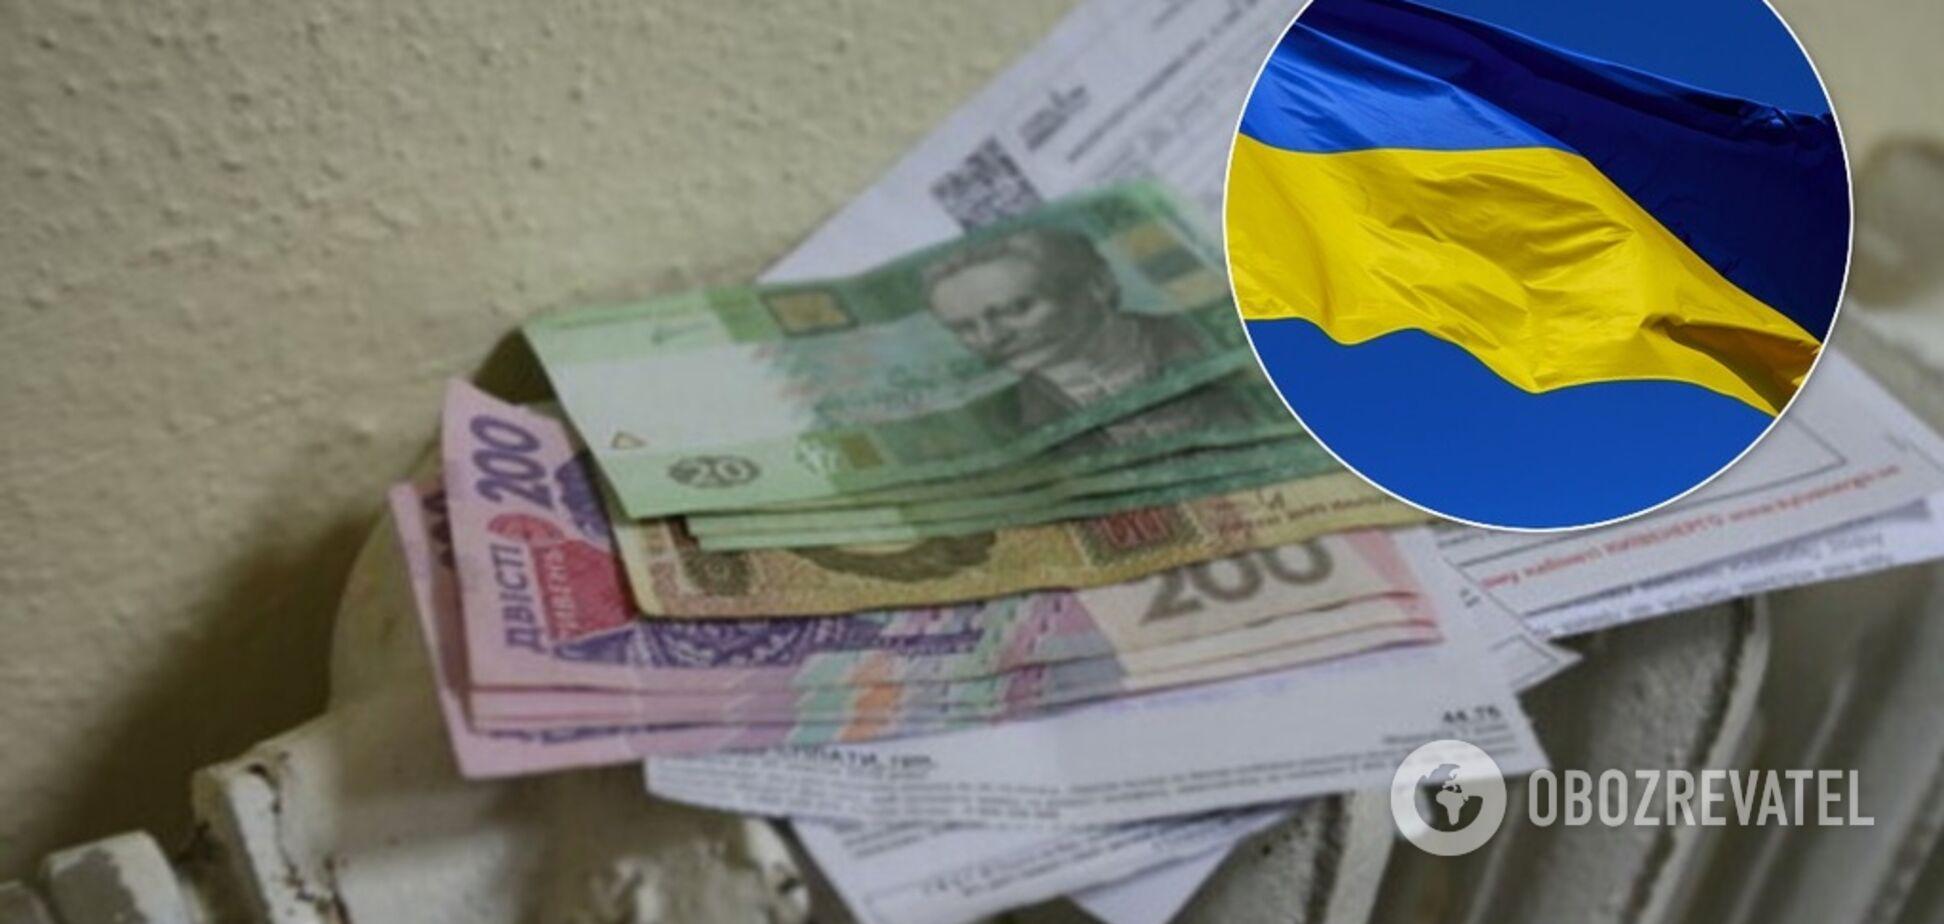 'Витрати знизяться вдвічі': українцям пояснили, як заощадити на комуналці